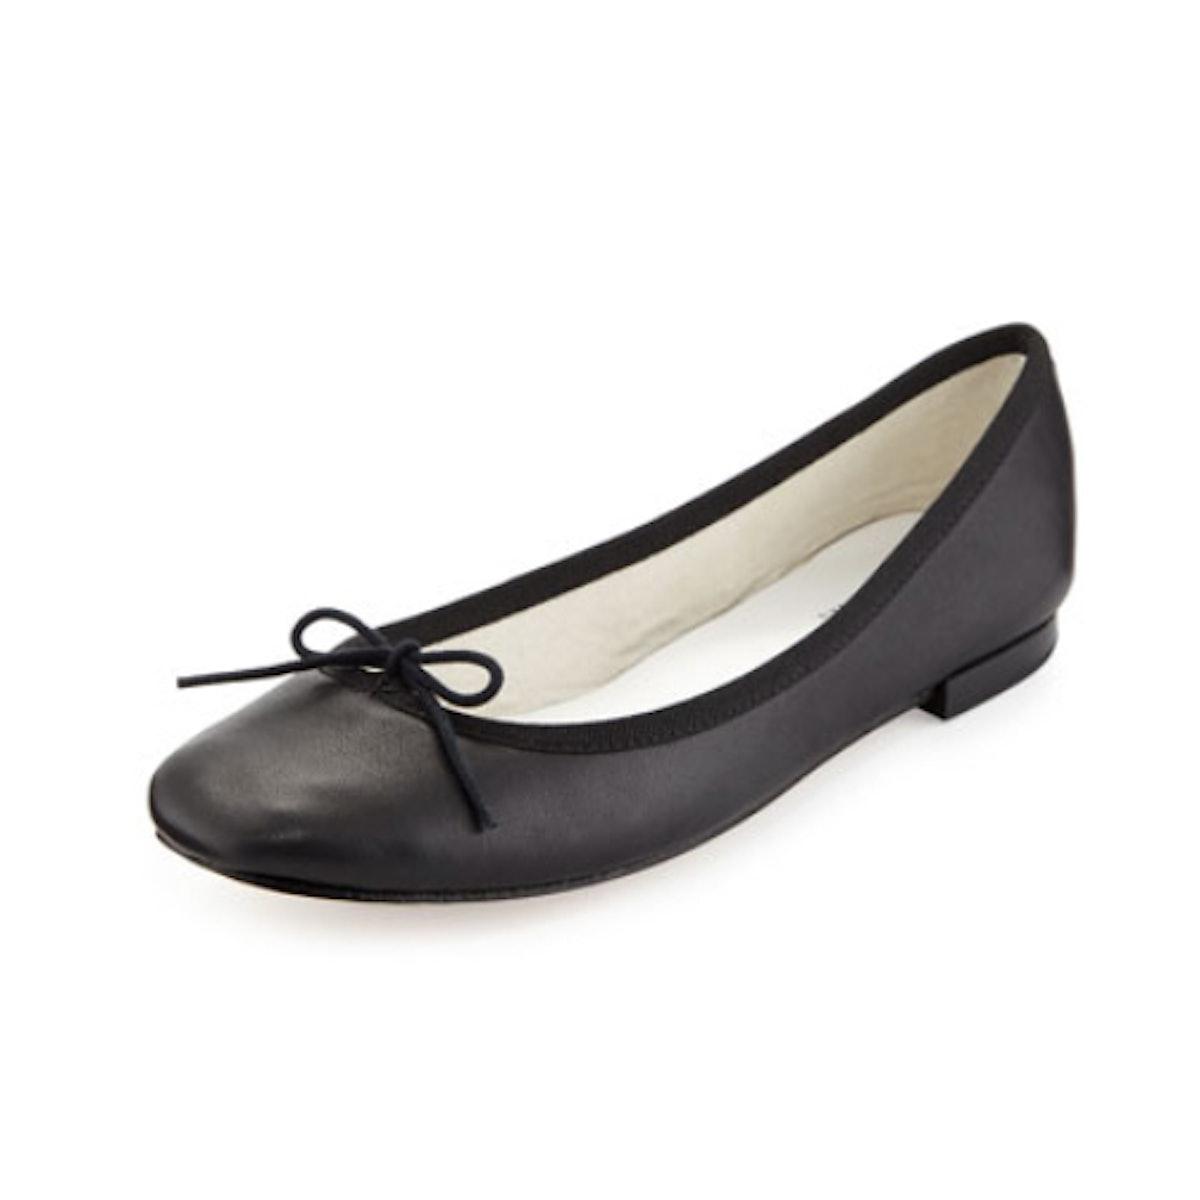 Repetto Cendrilon Leather Ballerina Flat